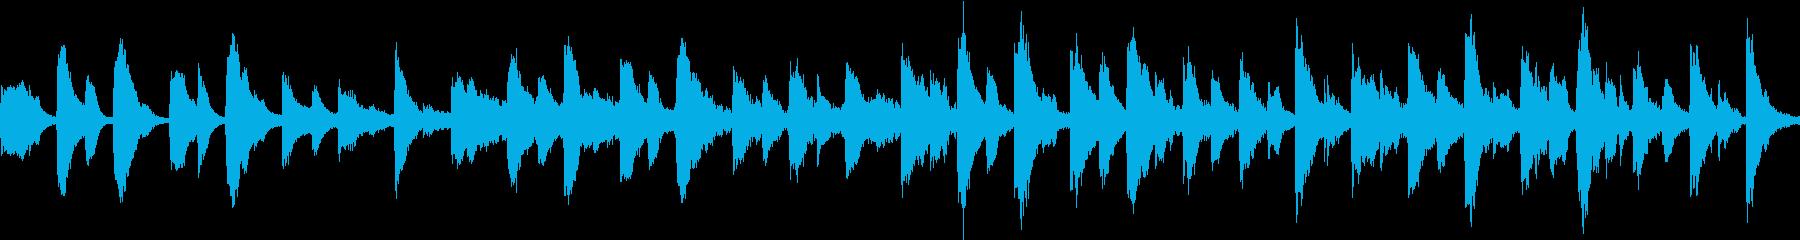 ハロウィンにぴったしな曲ですの再生済みの波形